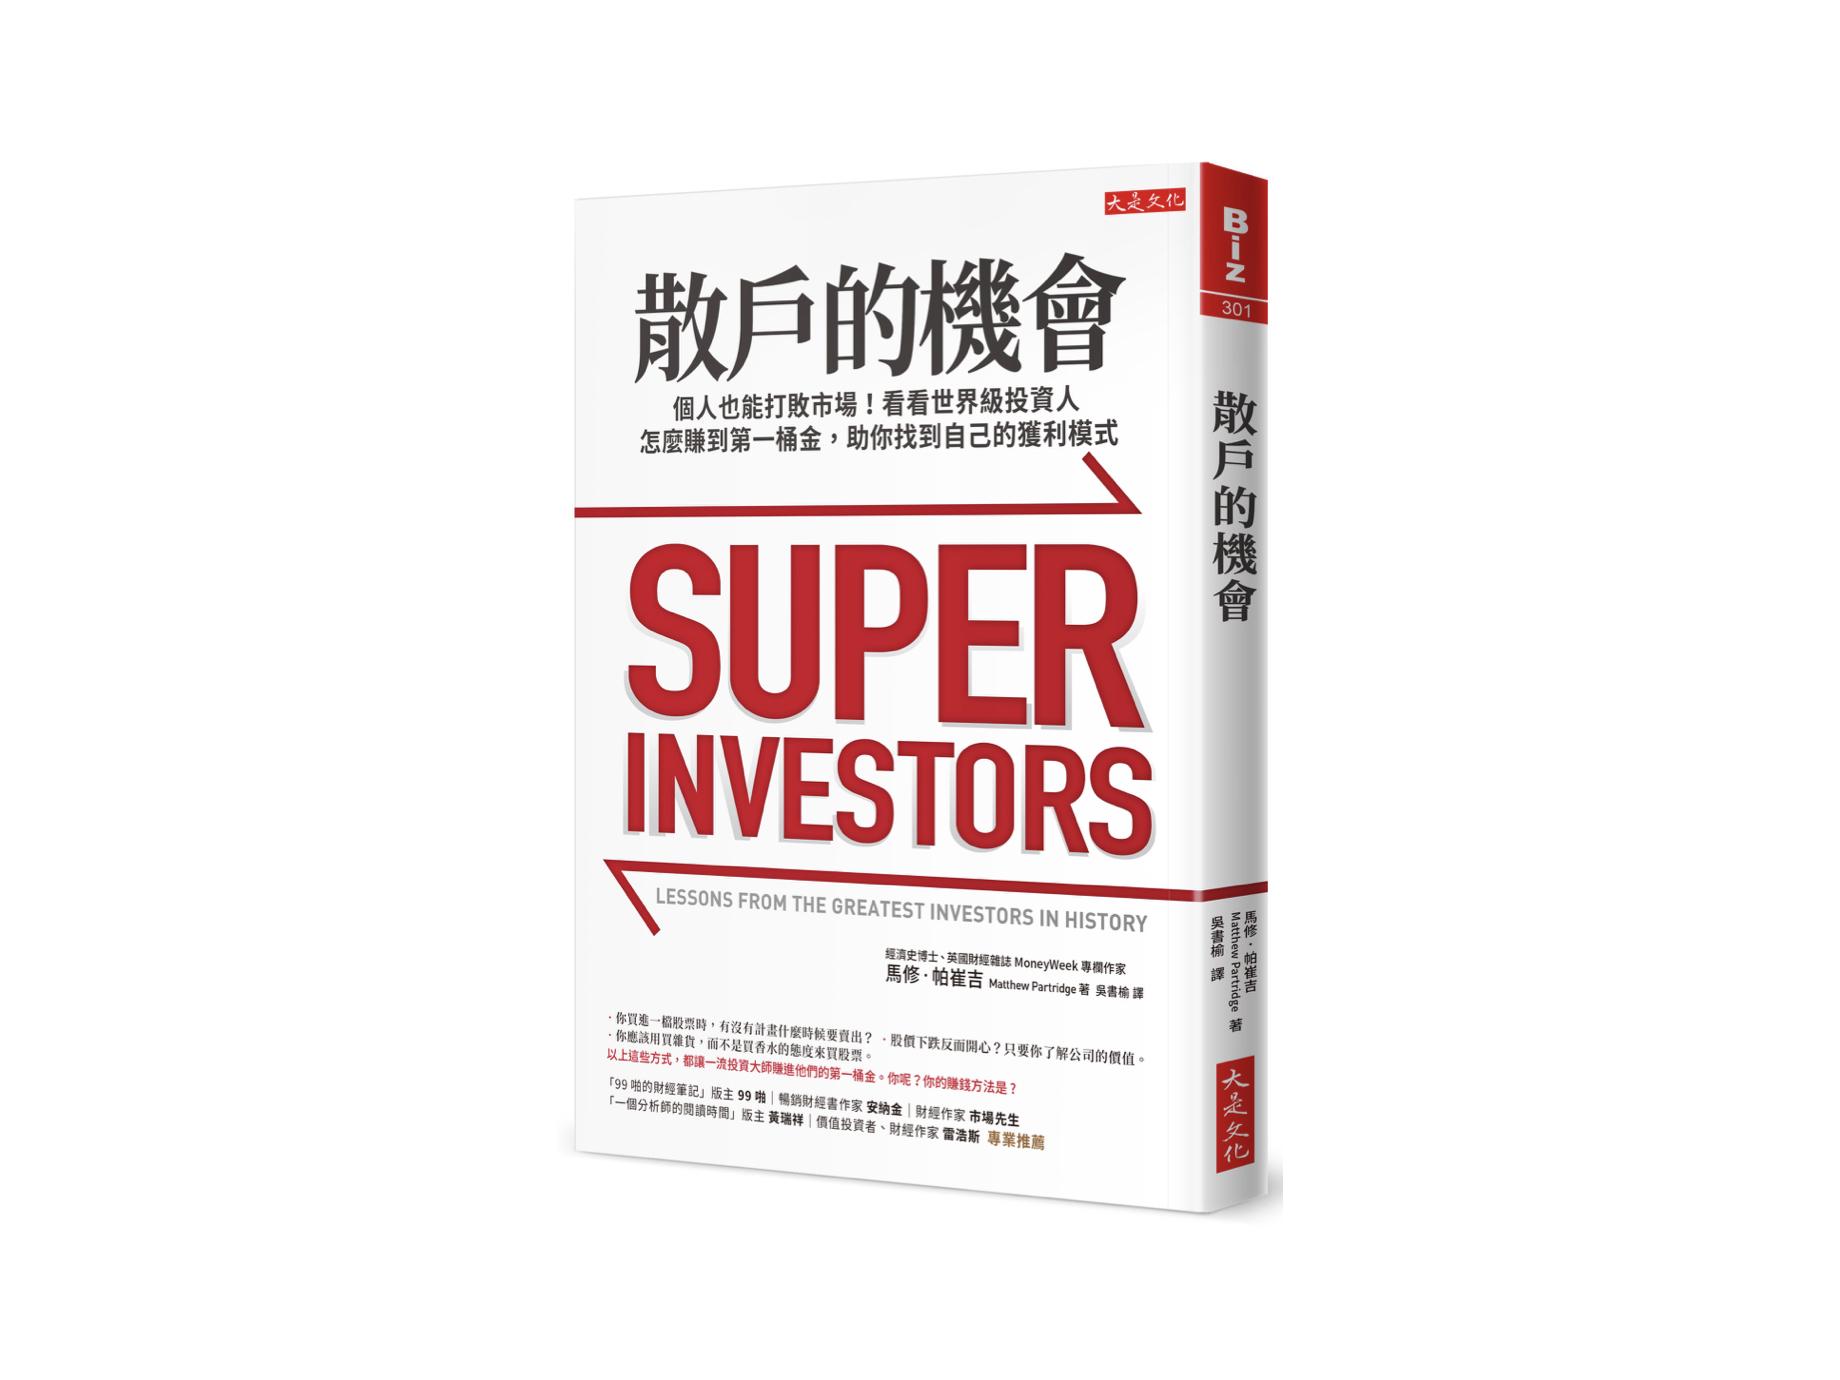 新書搶先看》別買你不懂的股票,散戶的機會在這裡!